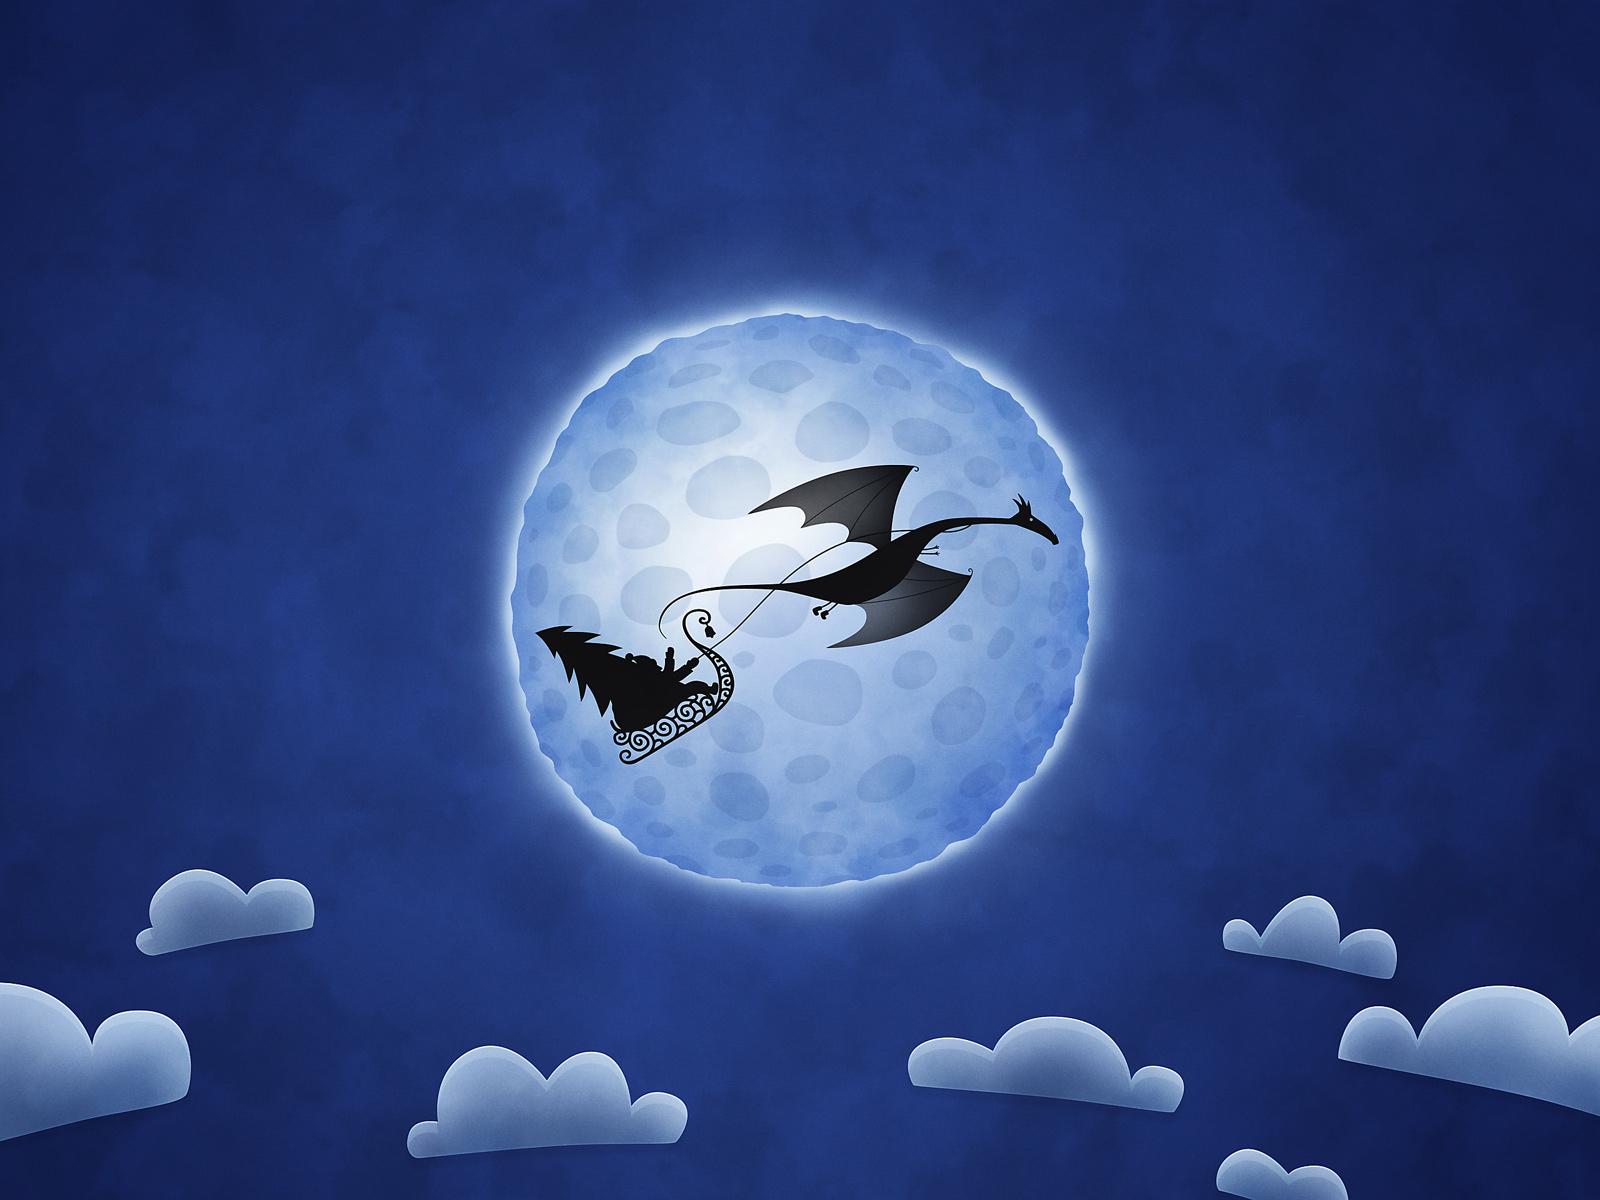 Christmas Dragon by vladstudio